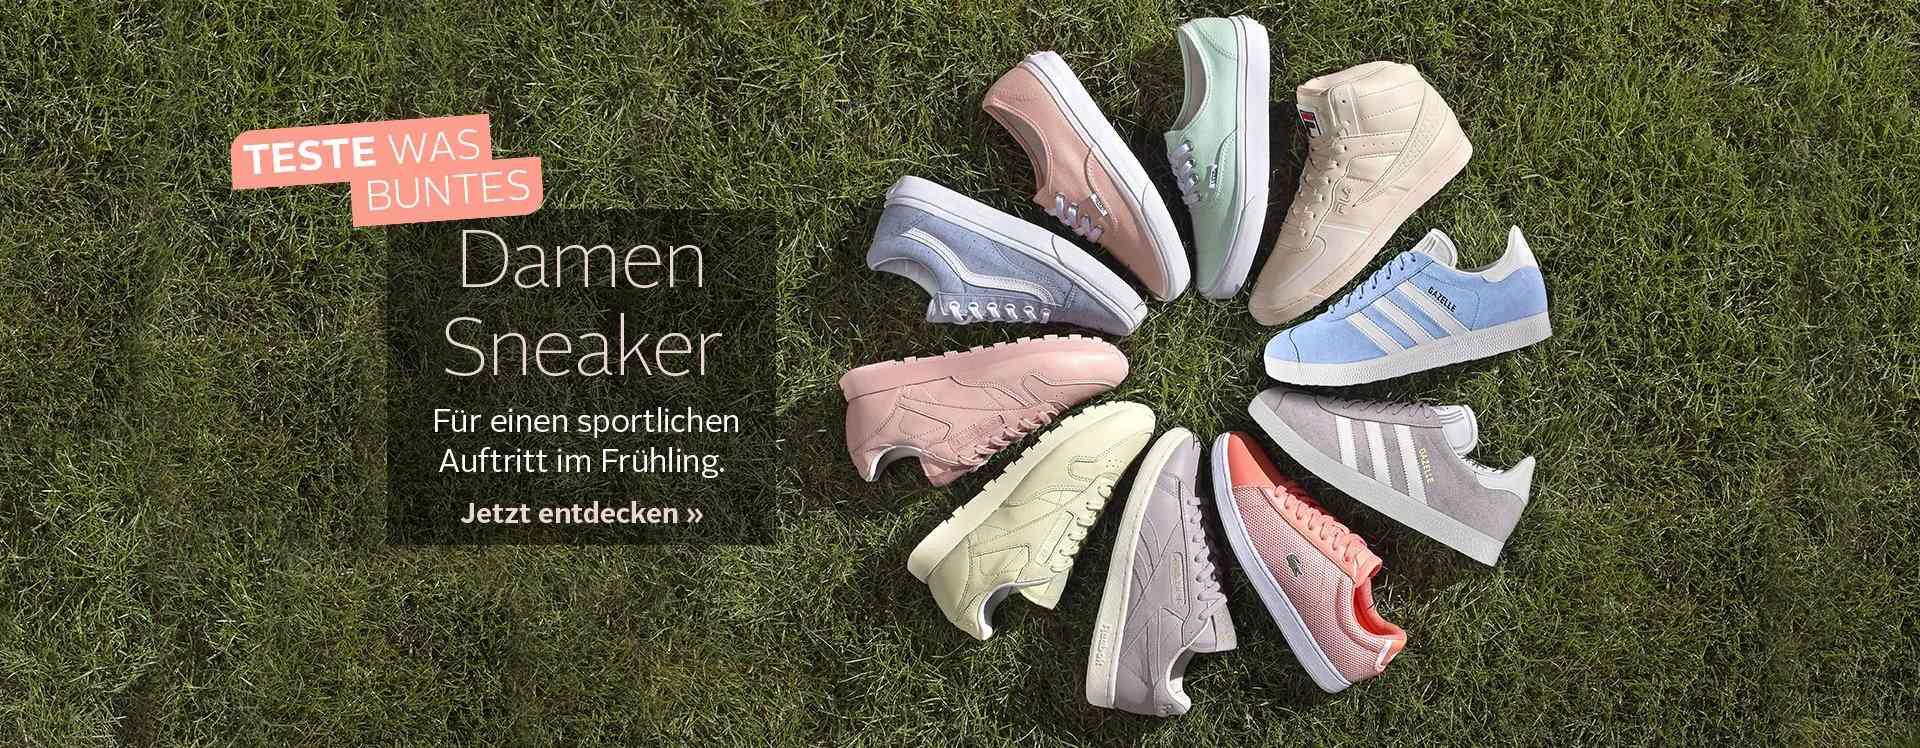 Modisch im Alltag. Trendstark beim Sport. Anziehen. Loslaufen und gut ankommen. Tolle Damen Sneaker bei OTTO.